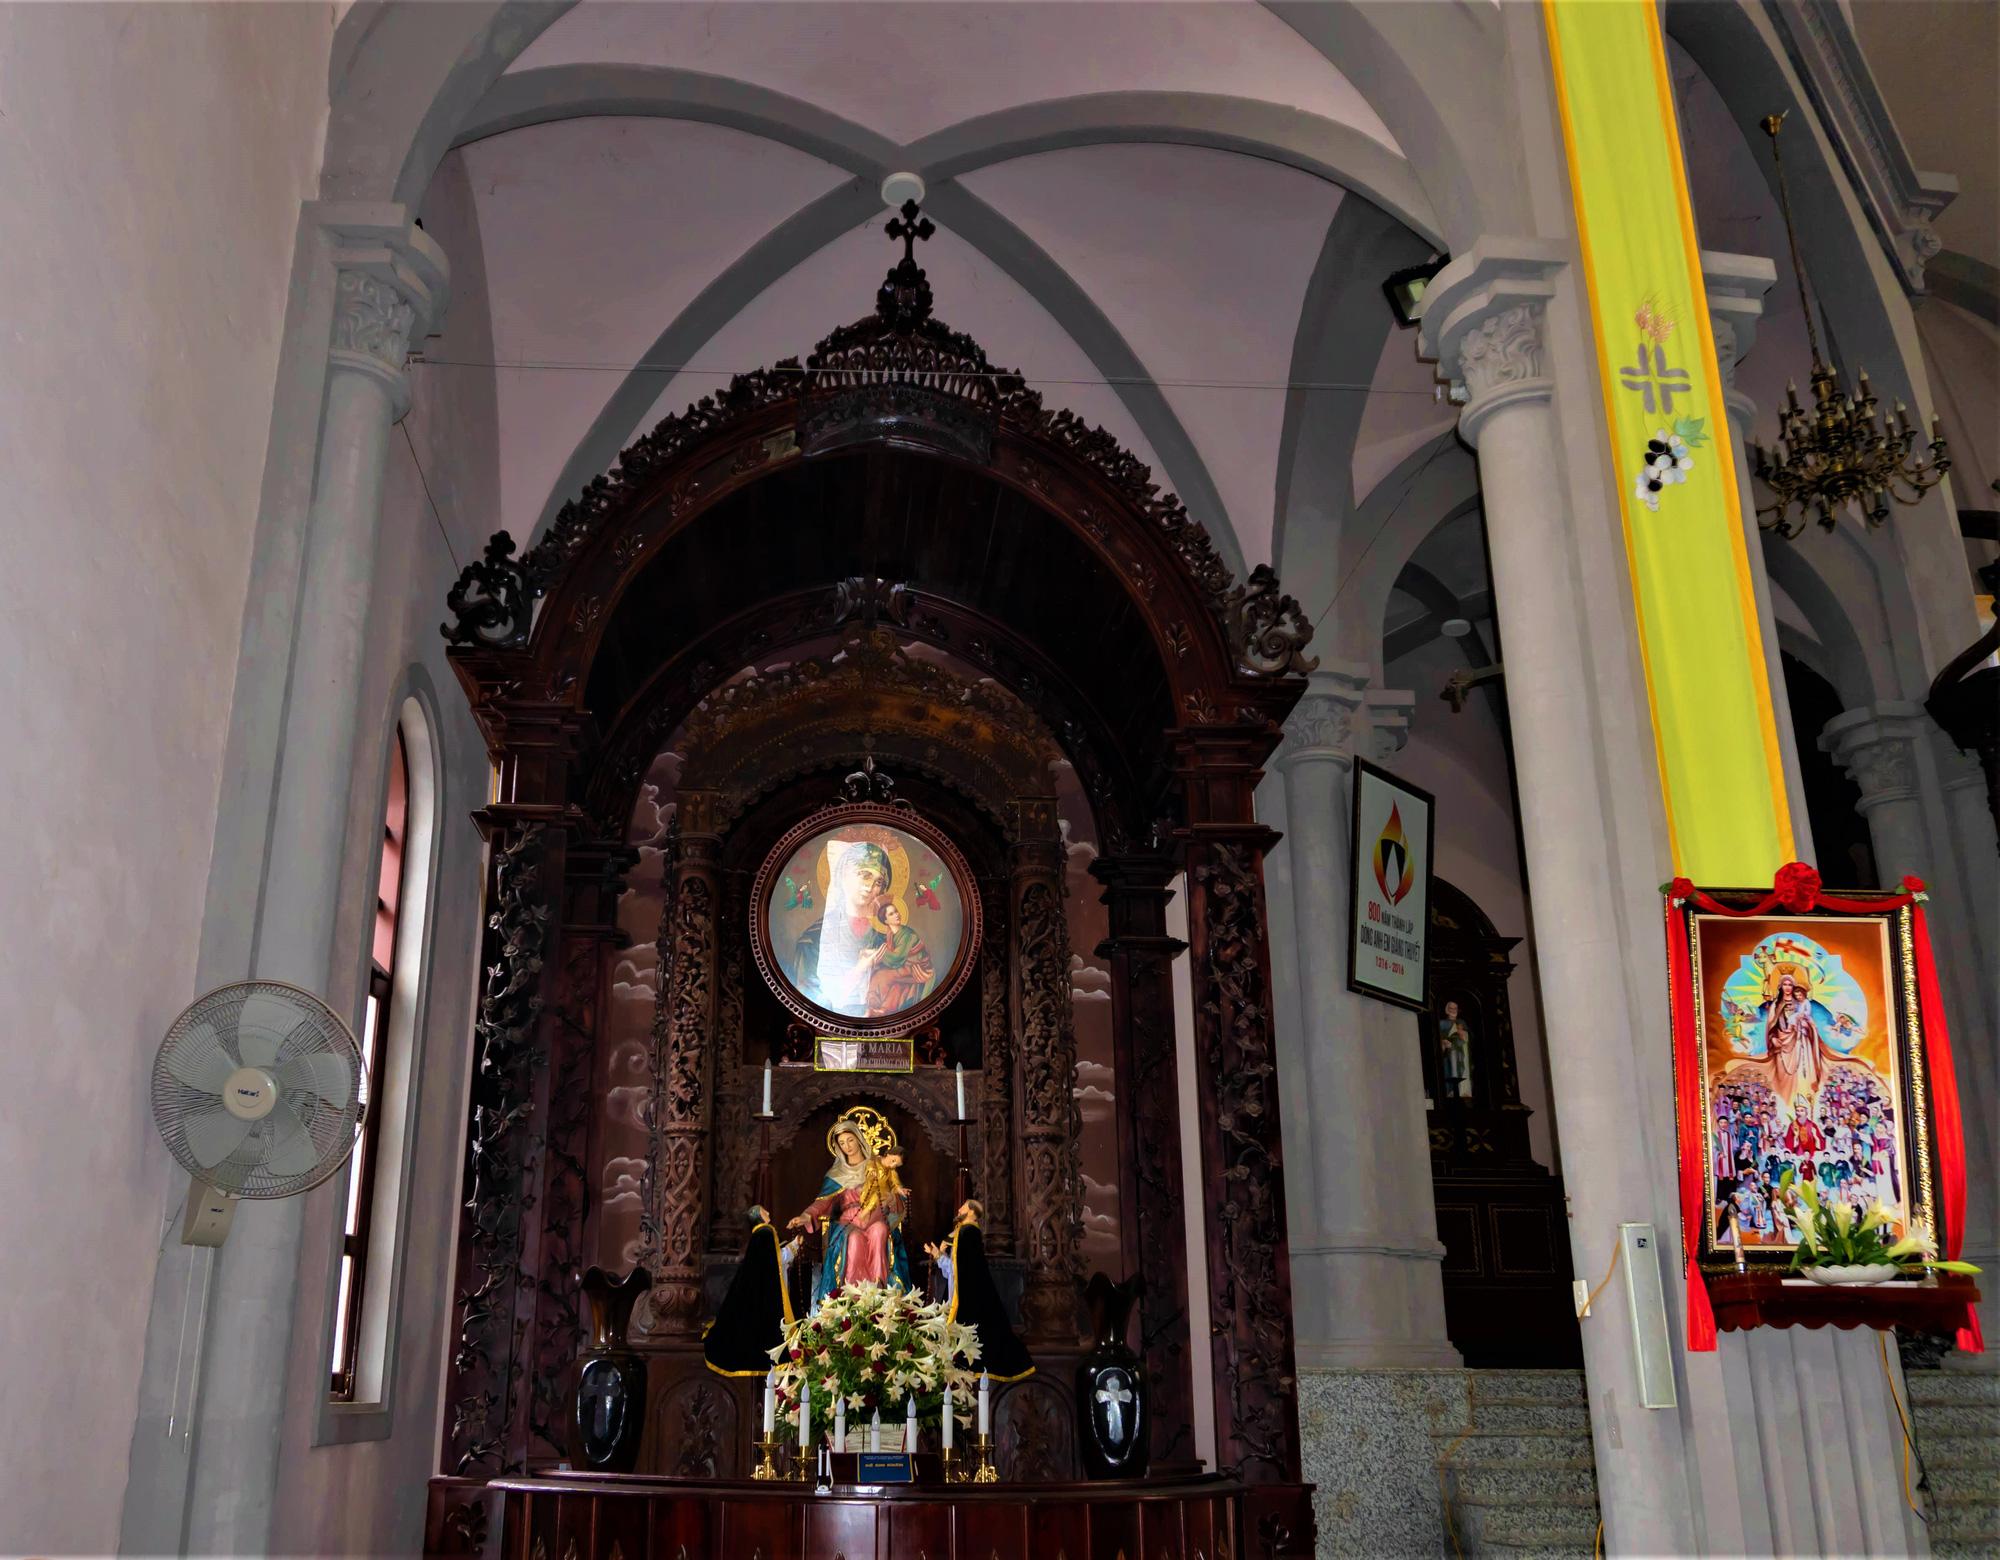 Về thăm nhà thờ Khoái Đồng, nơi thờ hiện thân của ông già Noel - Ảnh 10.